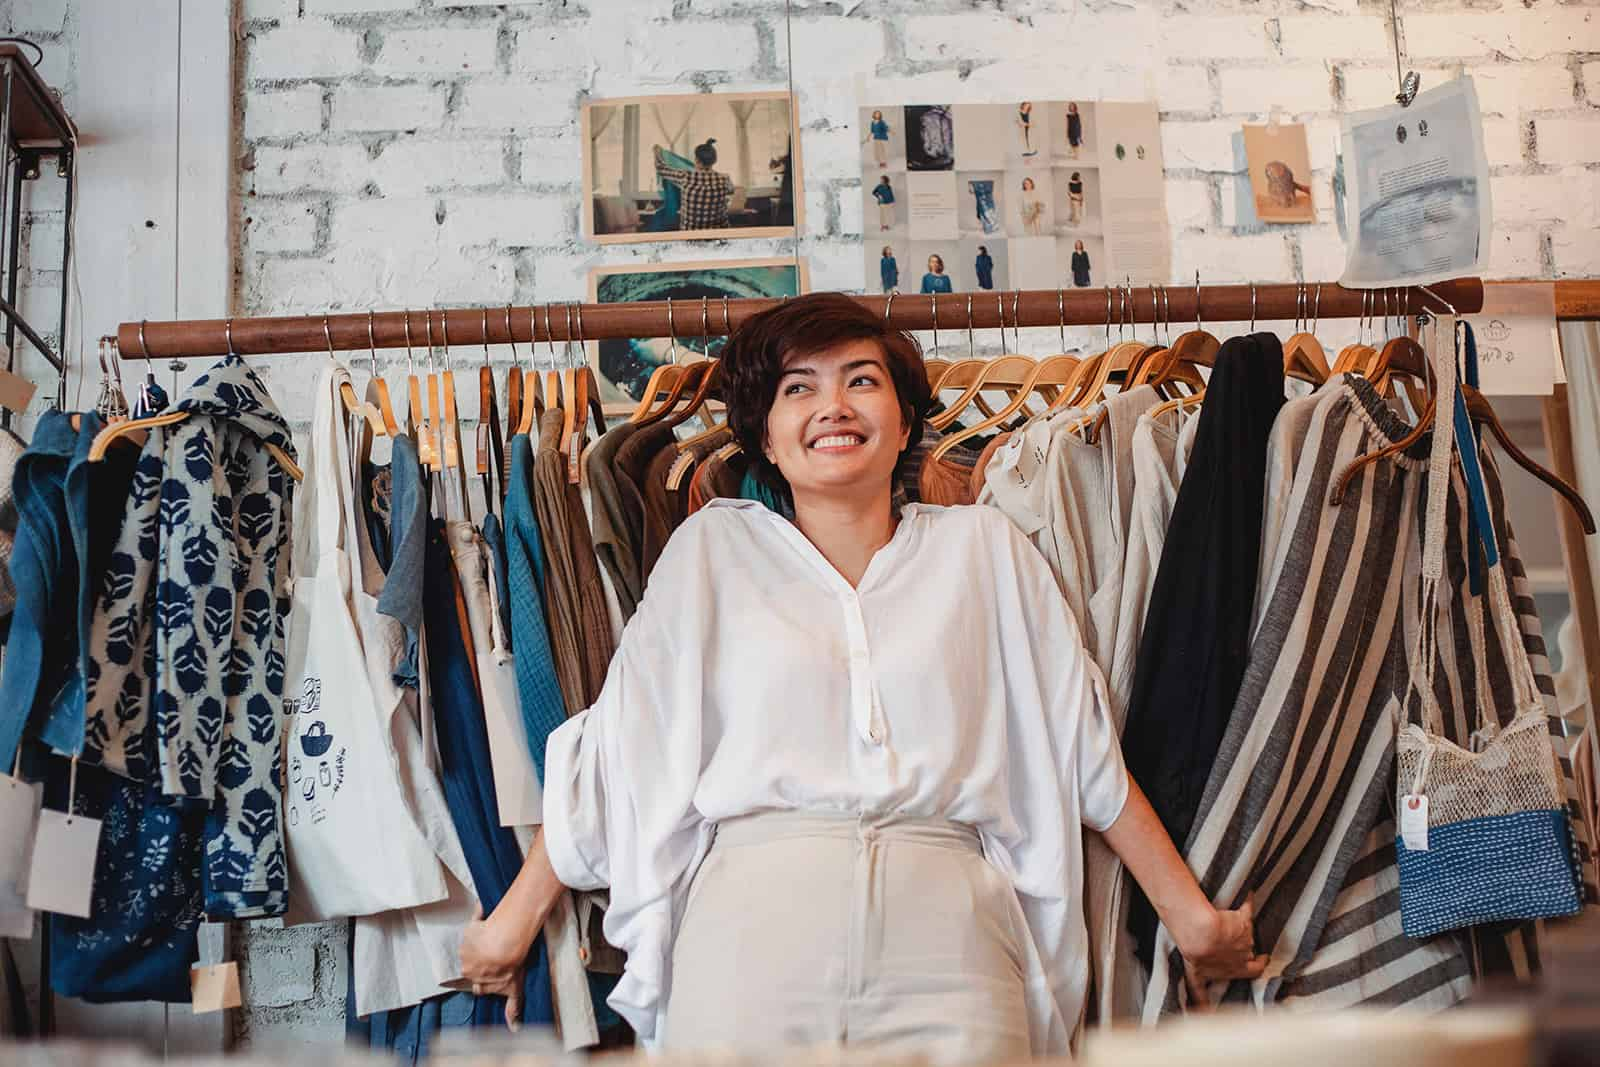 eine fröhliche Frau, die in einem Kleidergeschäft steht und Kleidung auf dem Gestell berührt